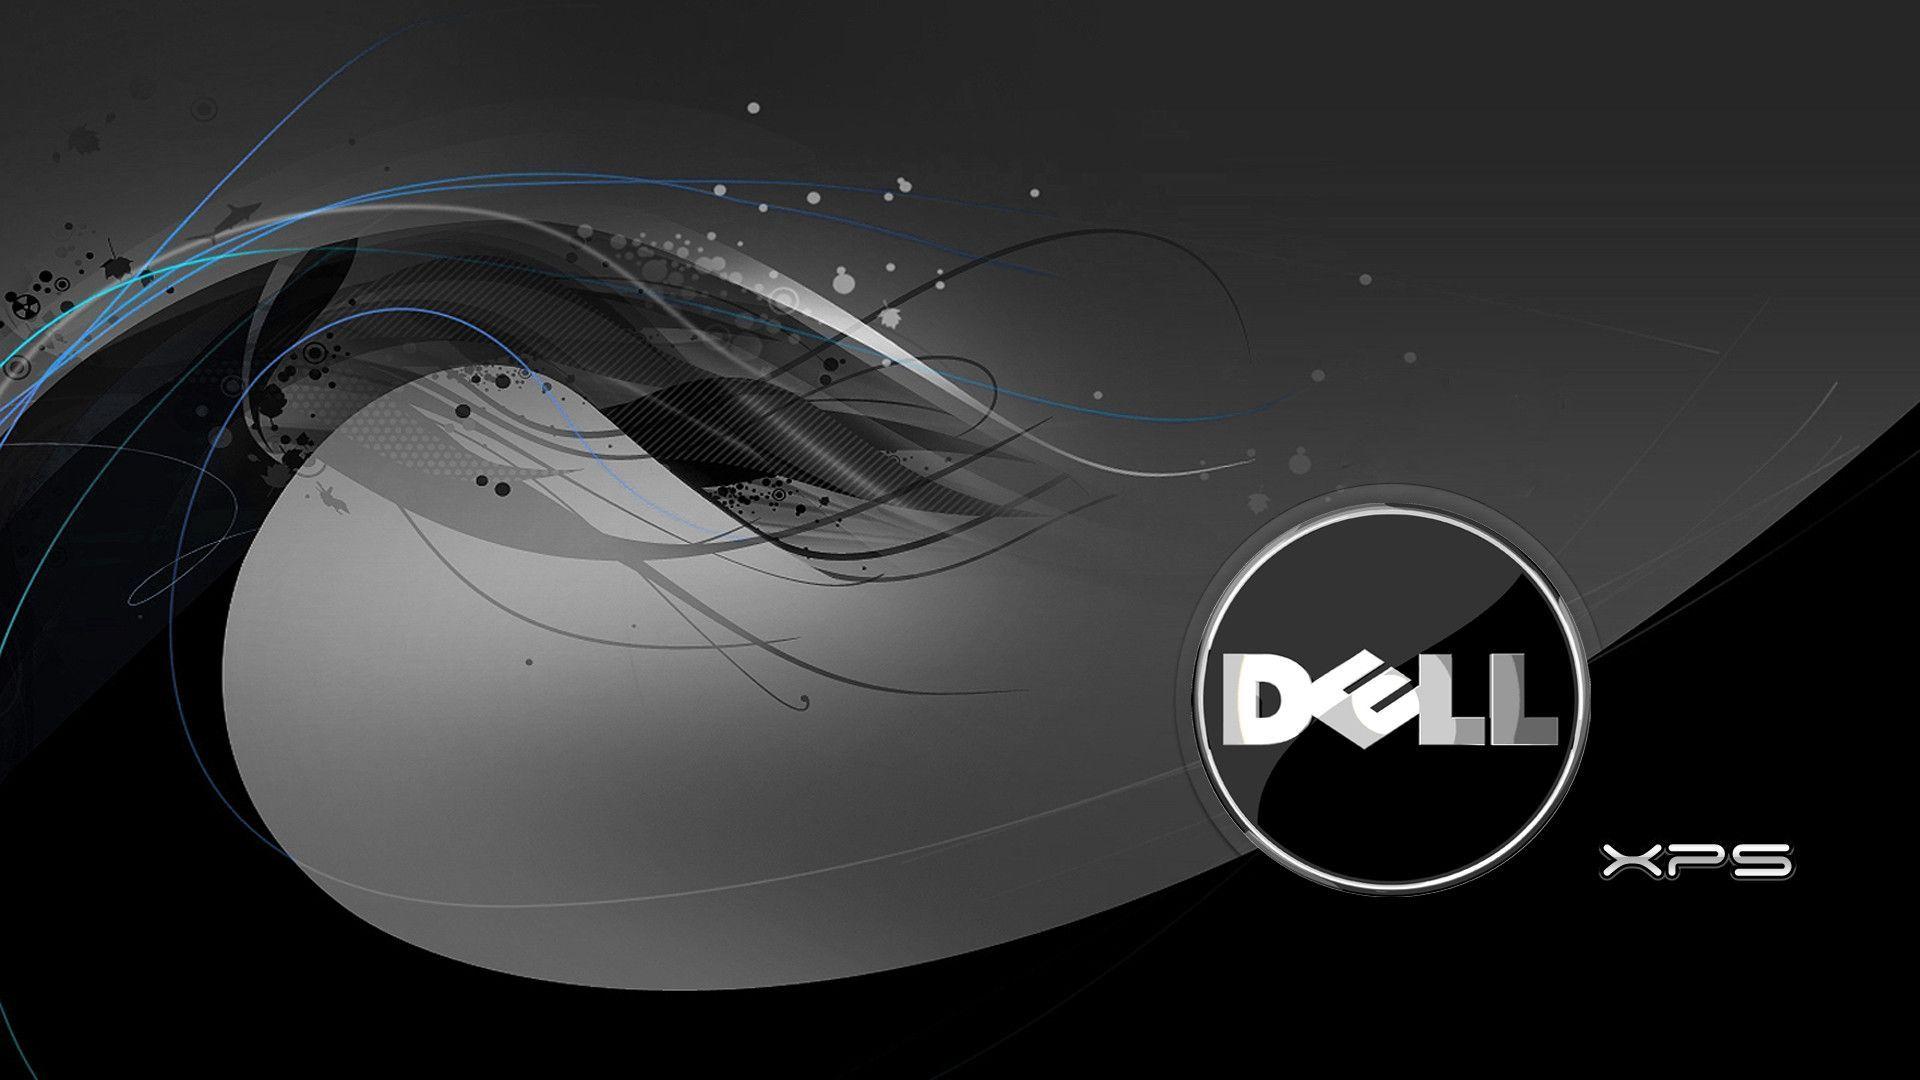 Dell 1080p picture